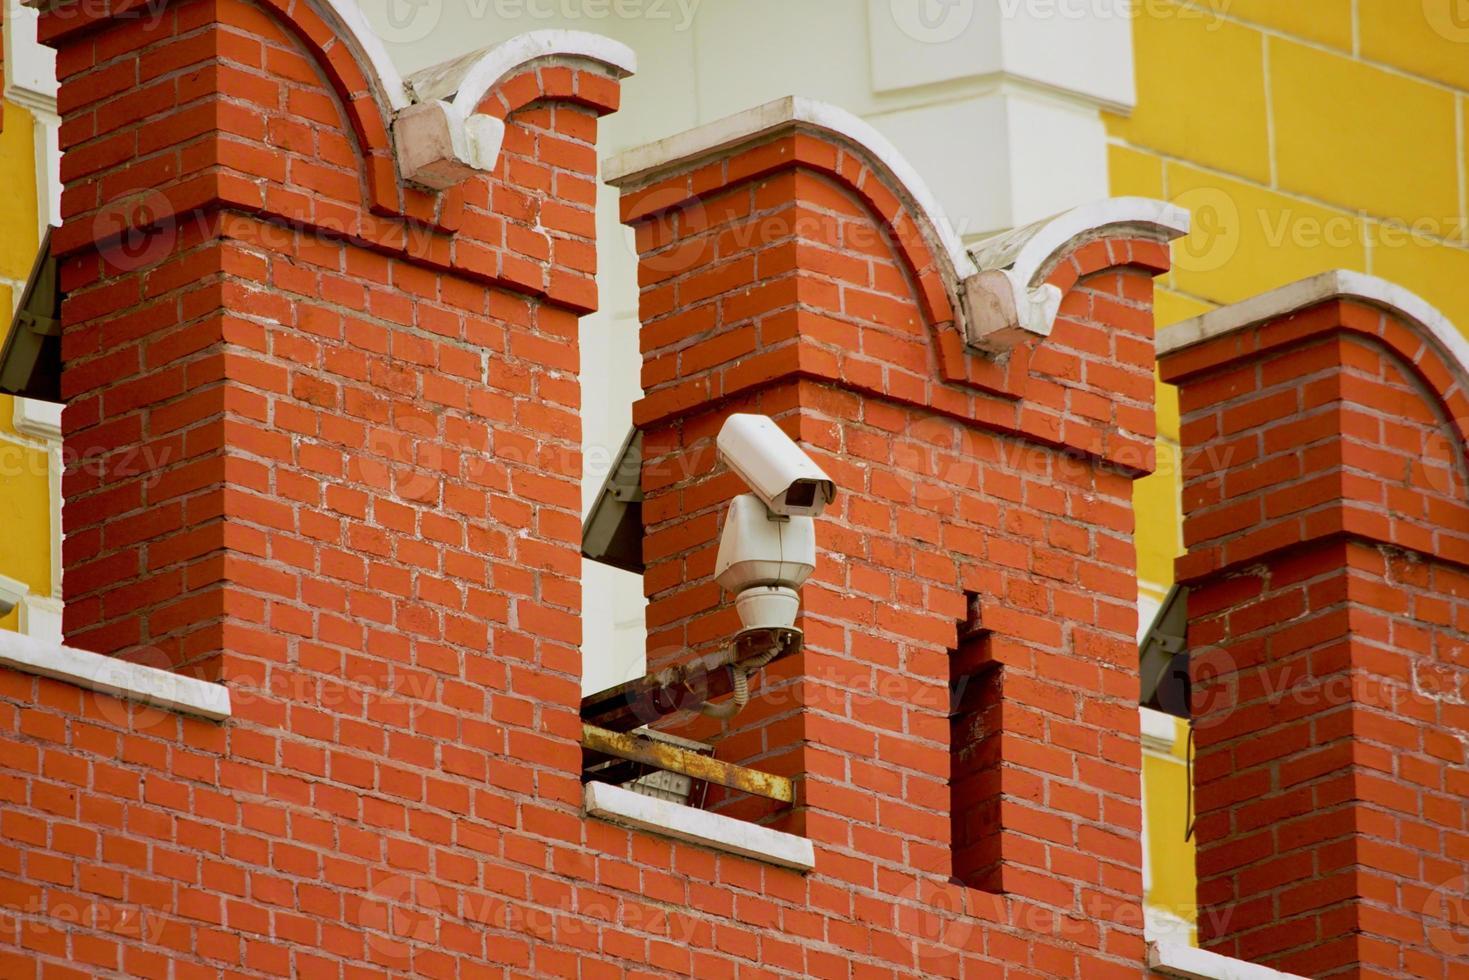 caméra de vidéosurveillance sur le mur du kremlin de moscou photo